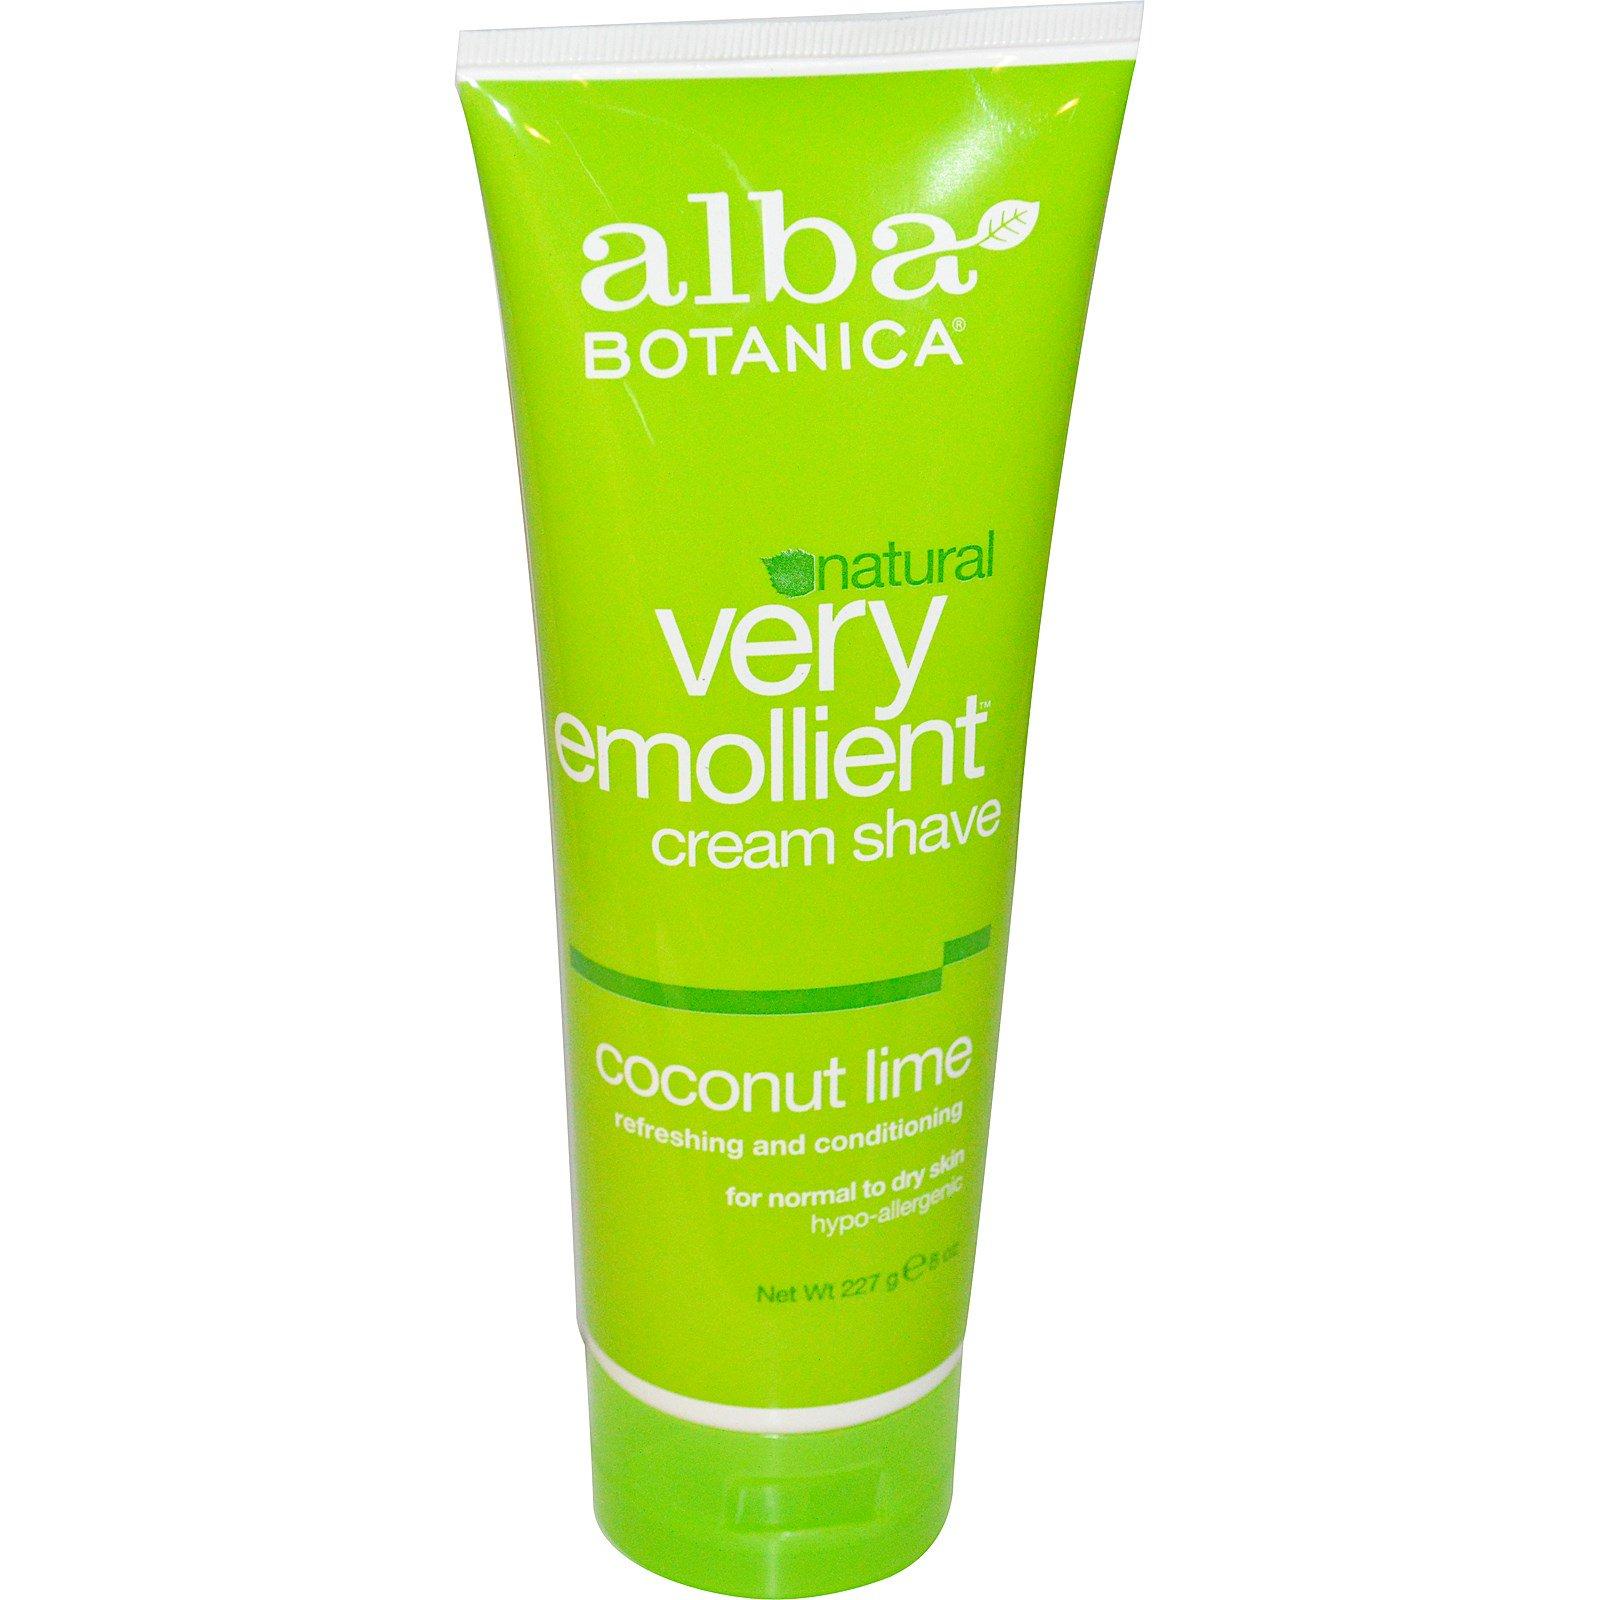 Alba Botanica, Очень смягчающий крем для бритья, кокос-лайм, 227 г (8 унций)